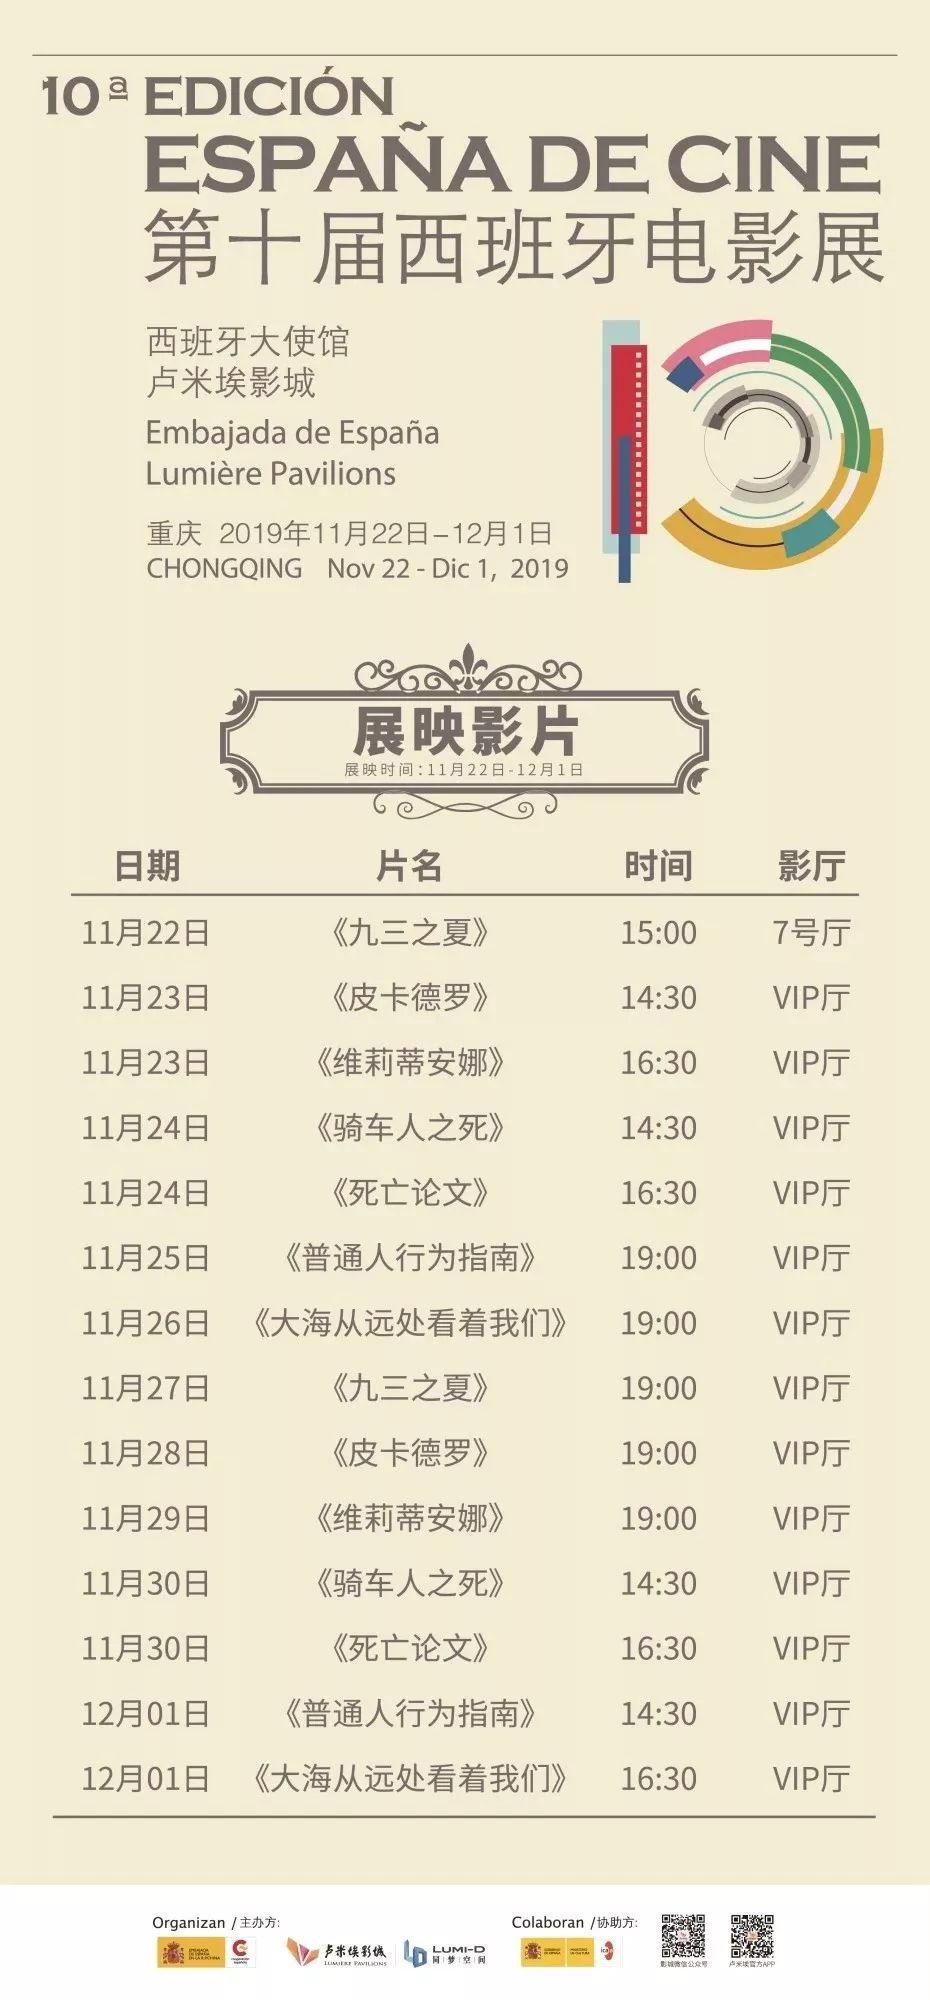 北京、西安、重庆三城联动,第十届西班牙影展火热开幕_中欧新闻_欧洲中文网